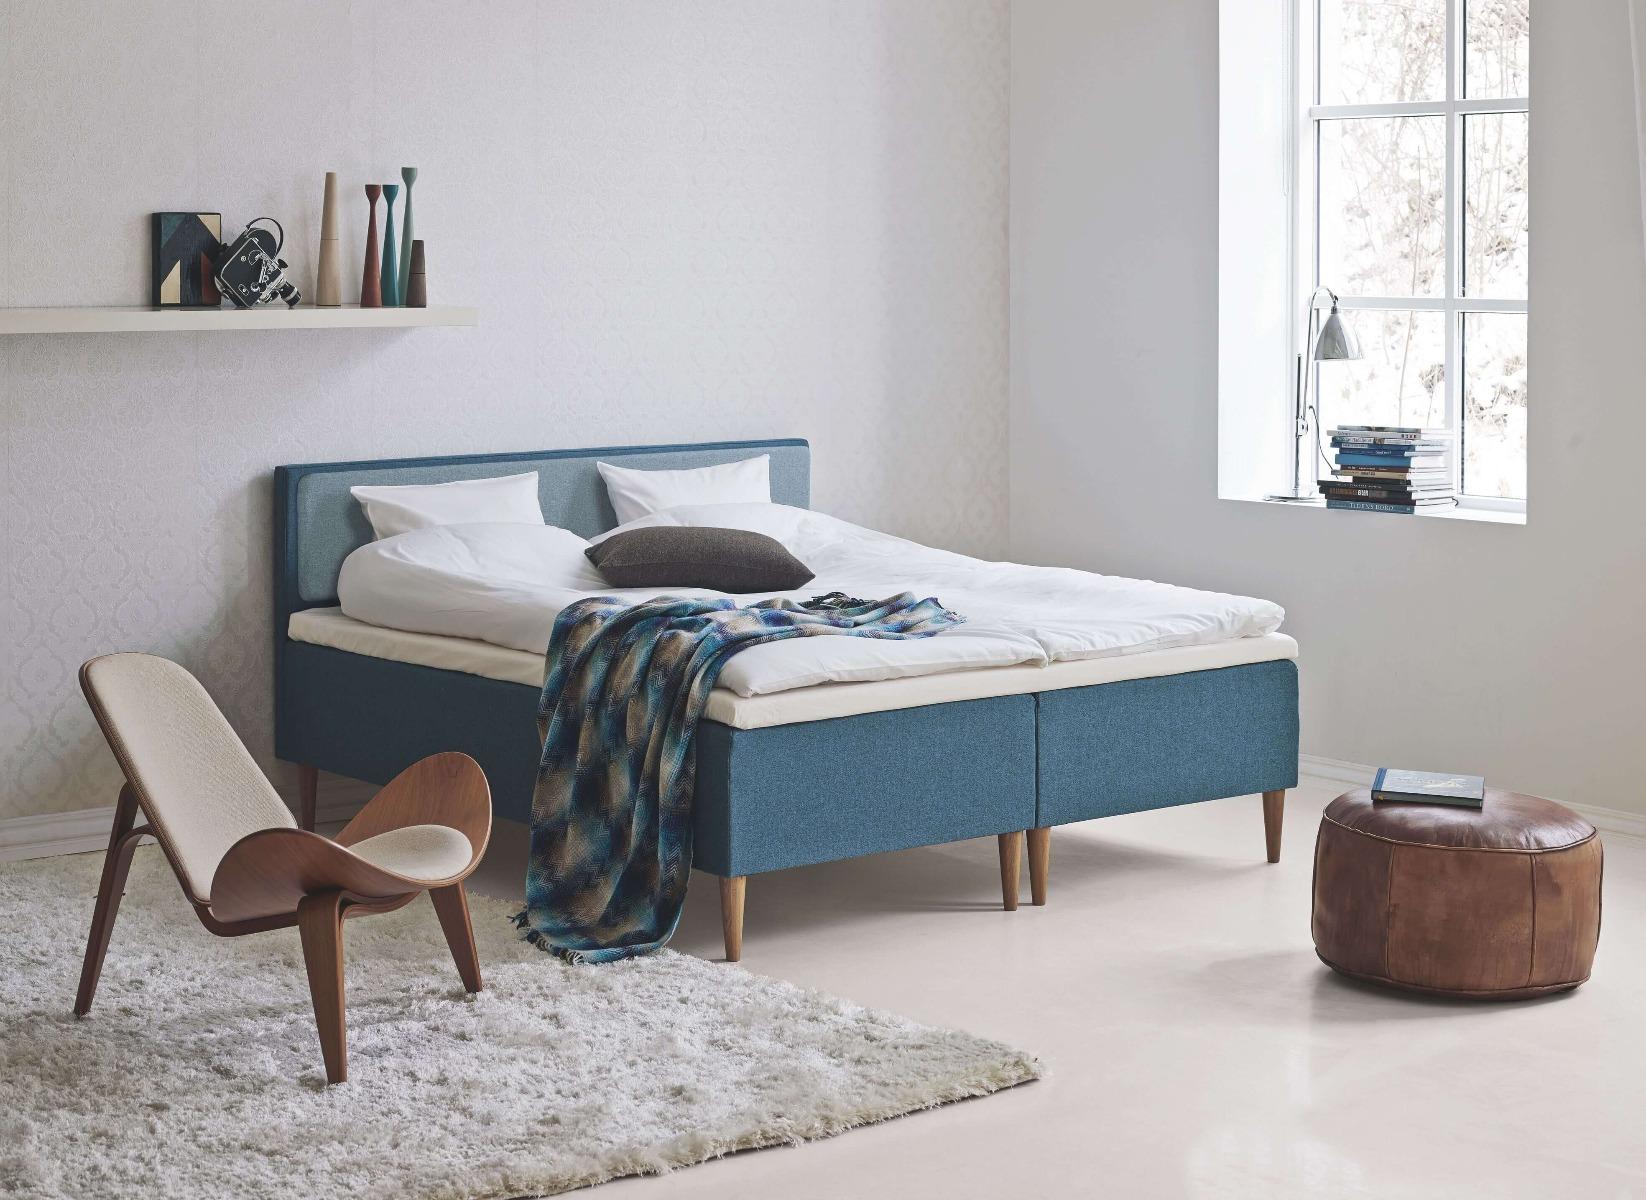 Blå Tempur seng med topmadras fra Tempur og blå sengegavl